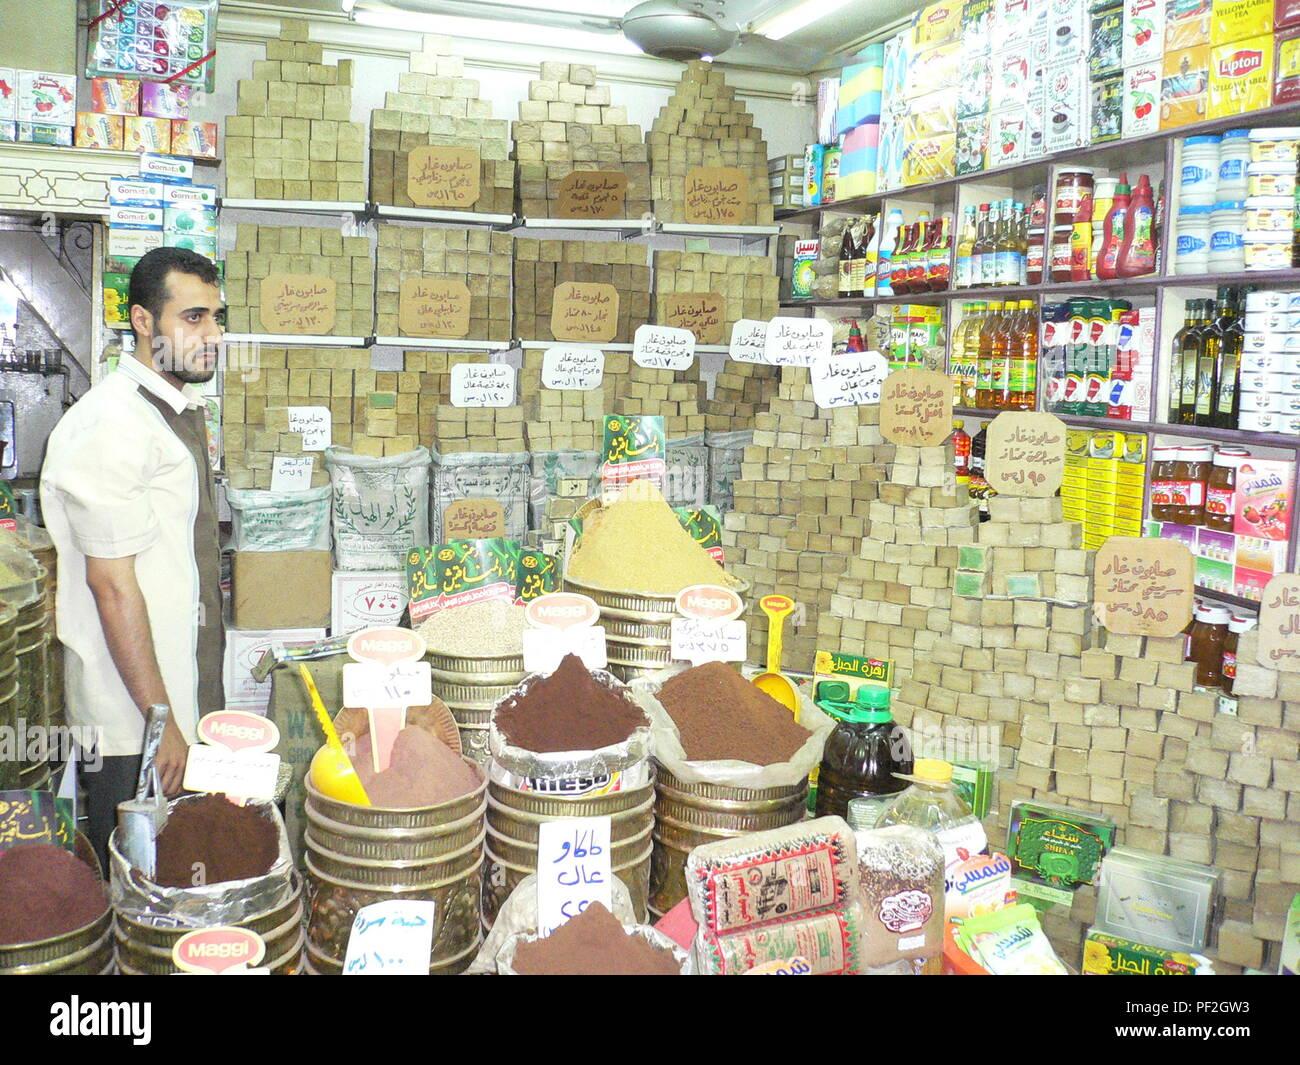 Date unknown - Syria: Undated photo of Aleppo soaps for sale in an Aleppo souk in Syria. Picture provided on July 3, 2017 courtesy of Samir Constantini, the owner of the Alepia factory.  Reportage dans une fabrique de savons d'Alep en banlieue parisienne. Le maitre savonnier est un Syrien qui a ete oblige de fuir son pays du fait de la guerre civile. *** FRANCE OUT / NO SALES TO FRENCH MEDIA *** - Stock Image